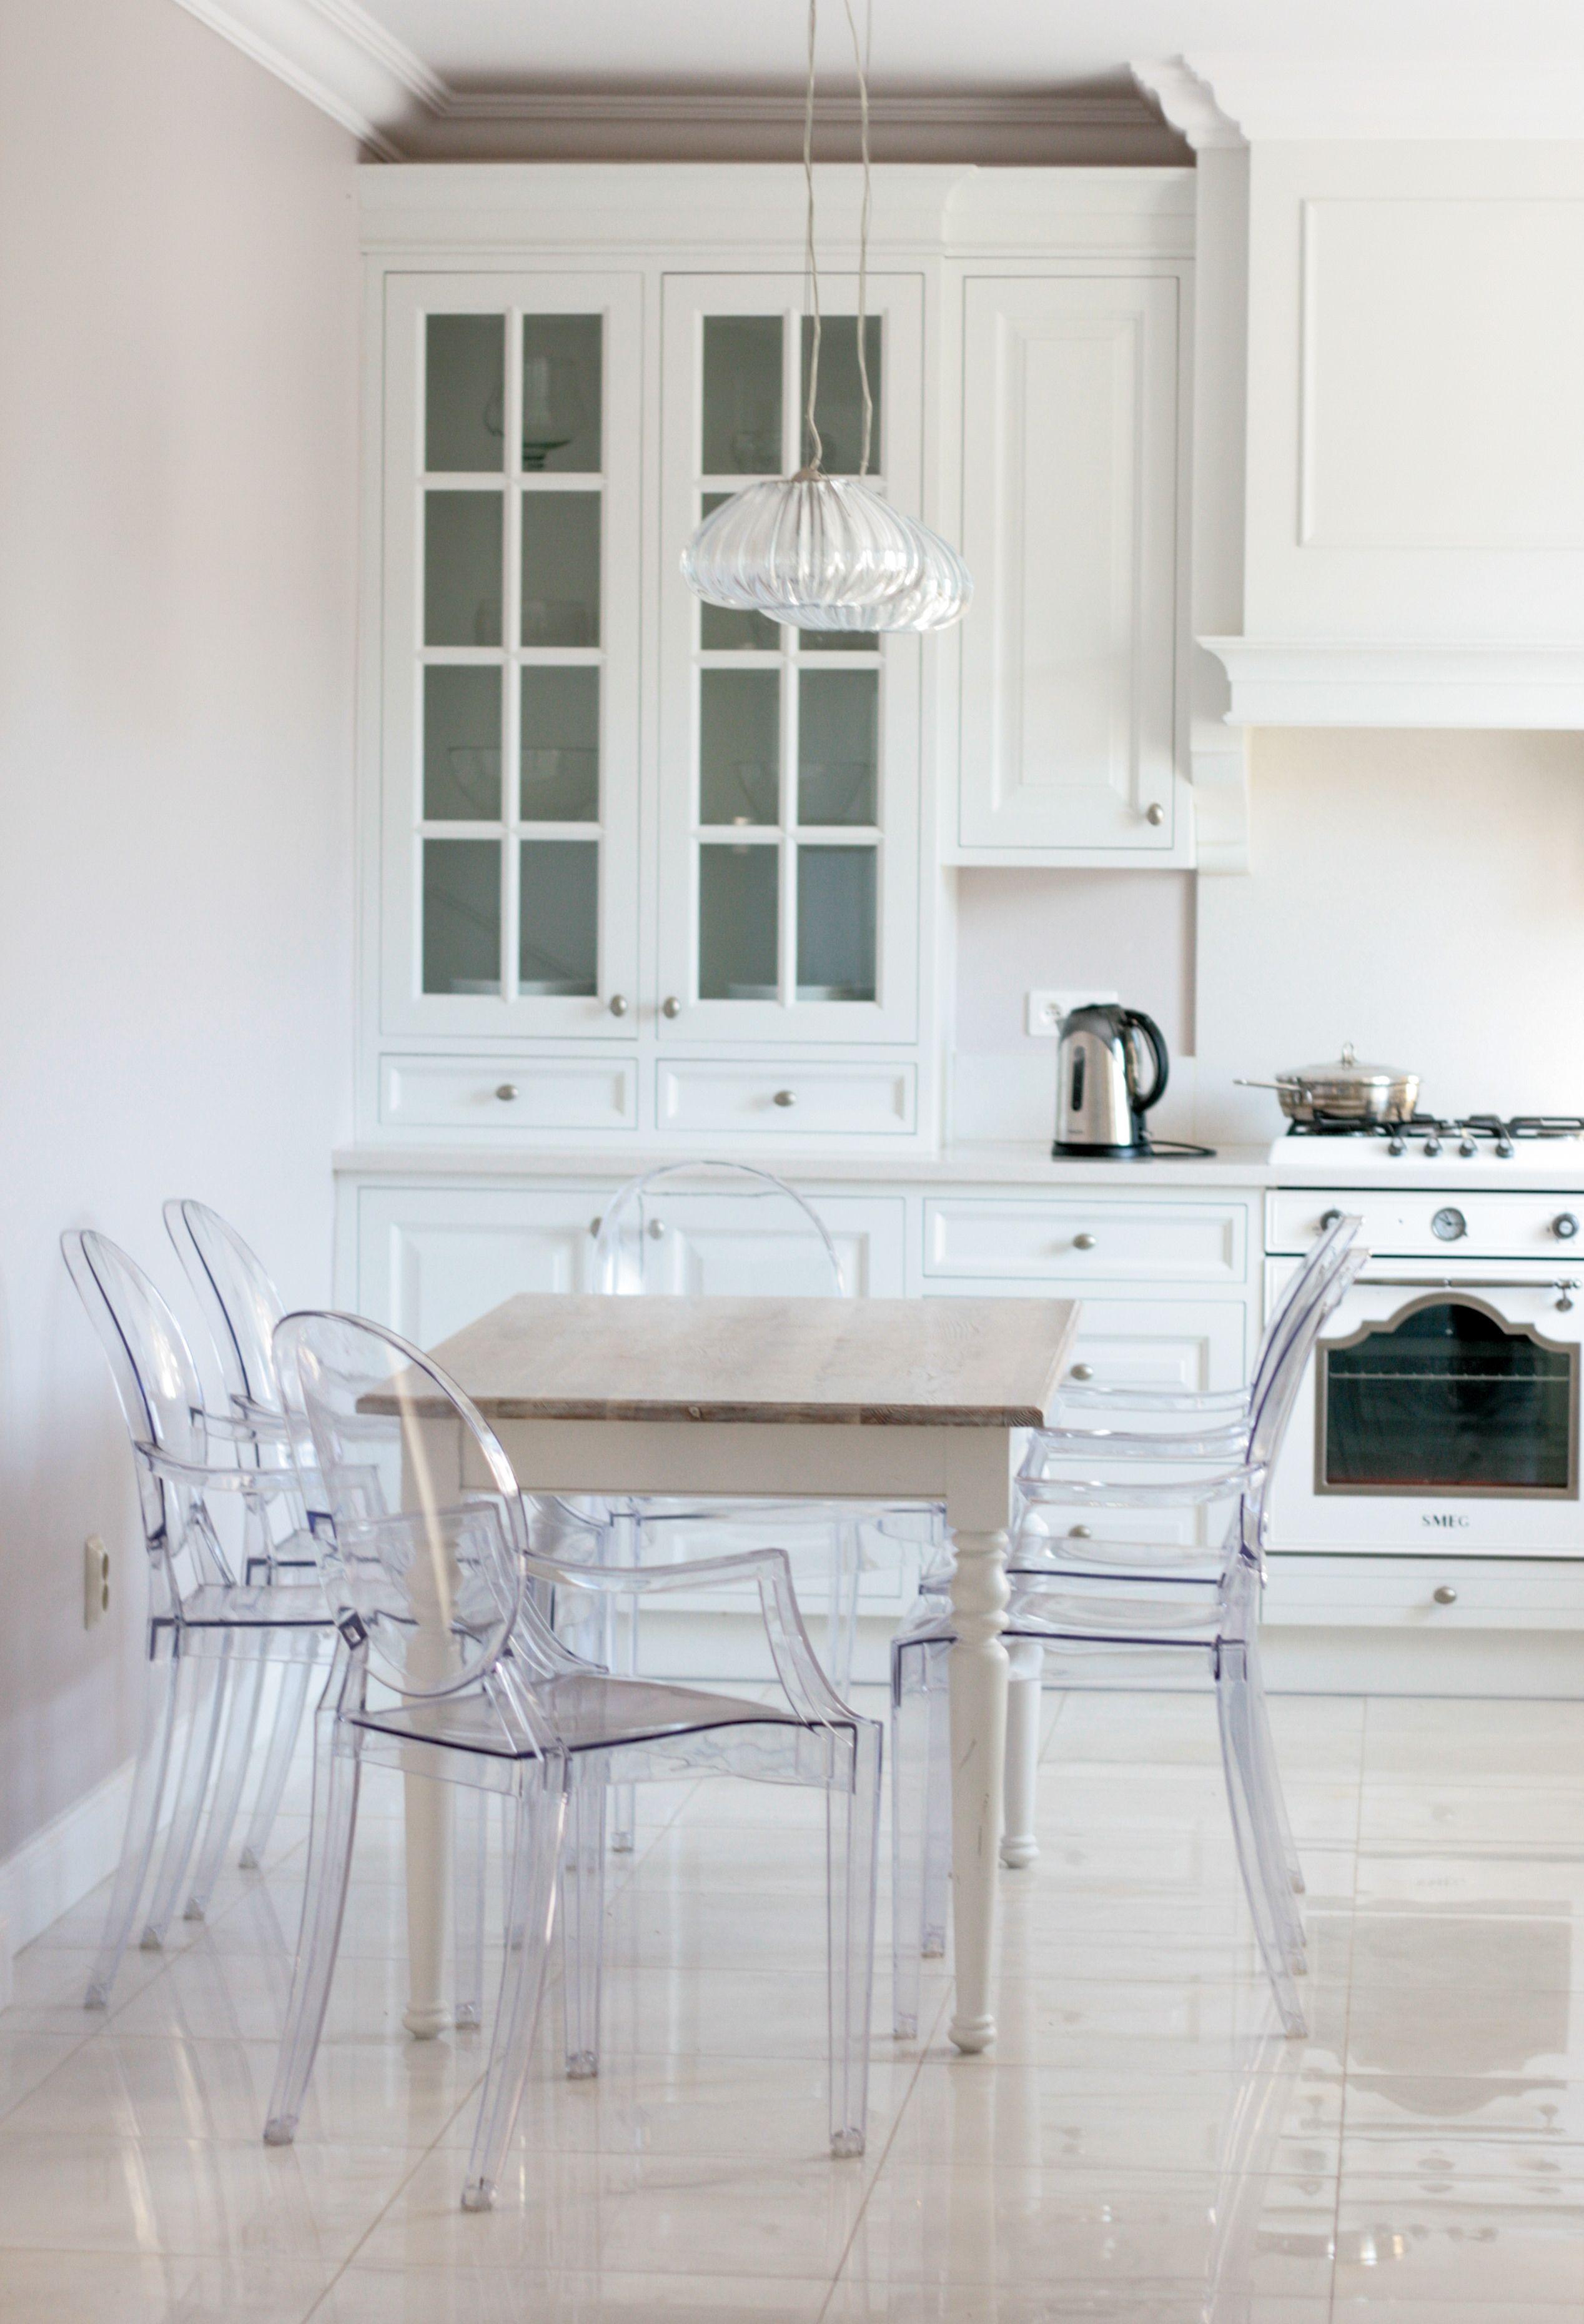 kuchnia glamour, kuchnie angielskie, handmade kitchens   -> Kuchnie Angielskie Bialystok